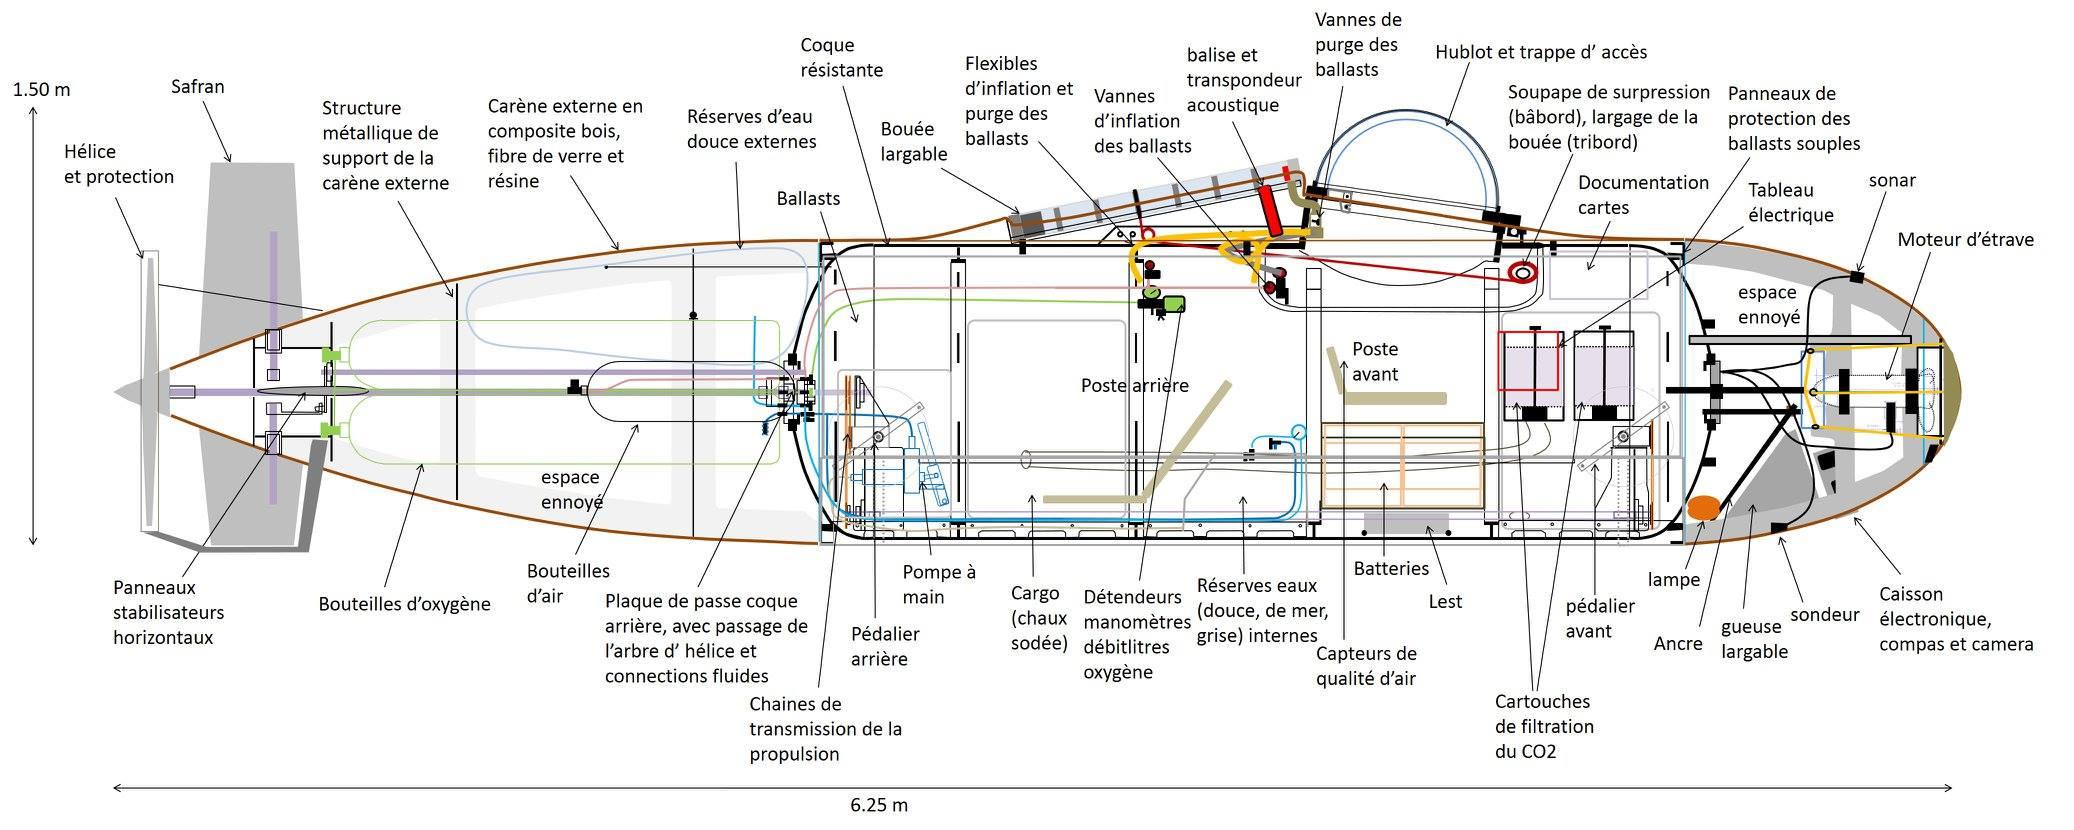 Plan du sous-marin à pédales © www.projetpoissonpilote.com